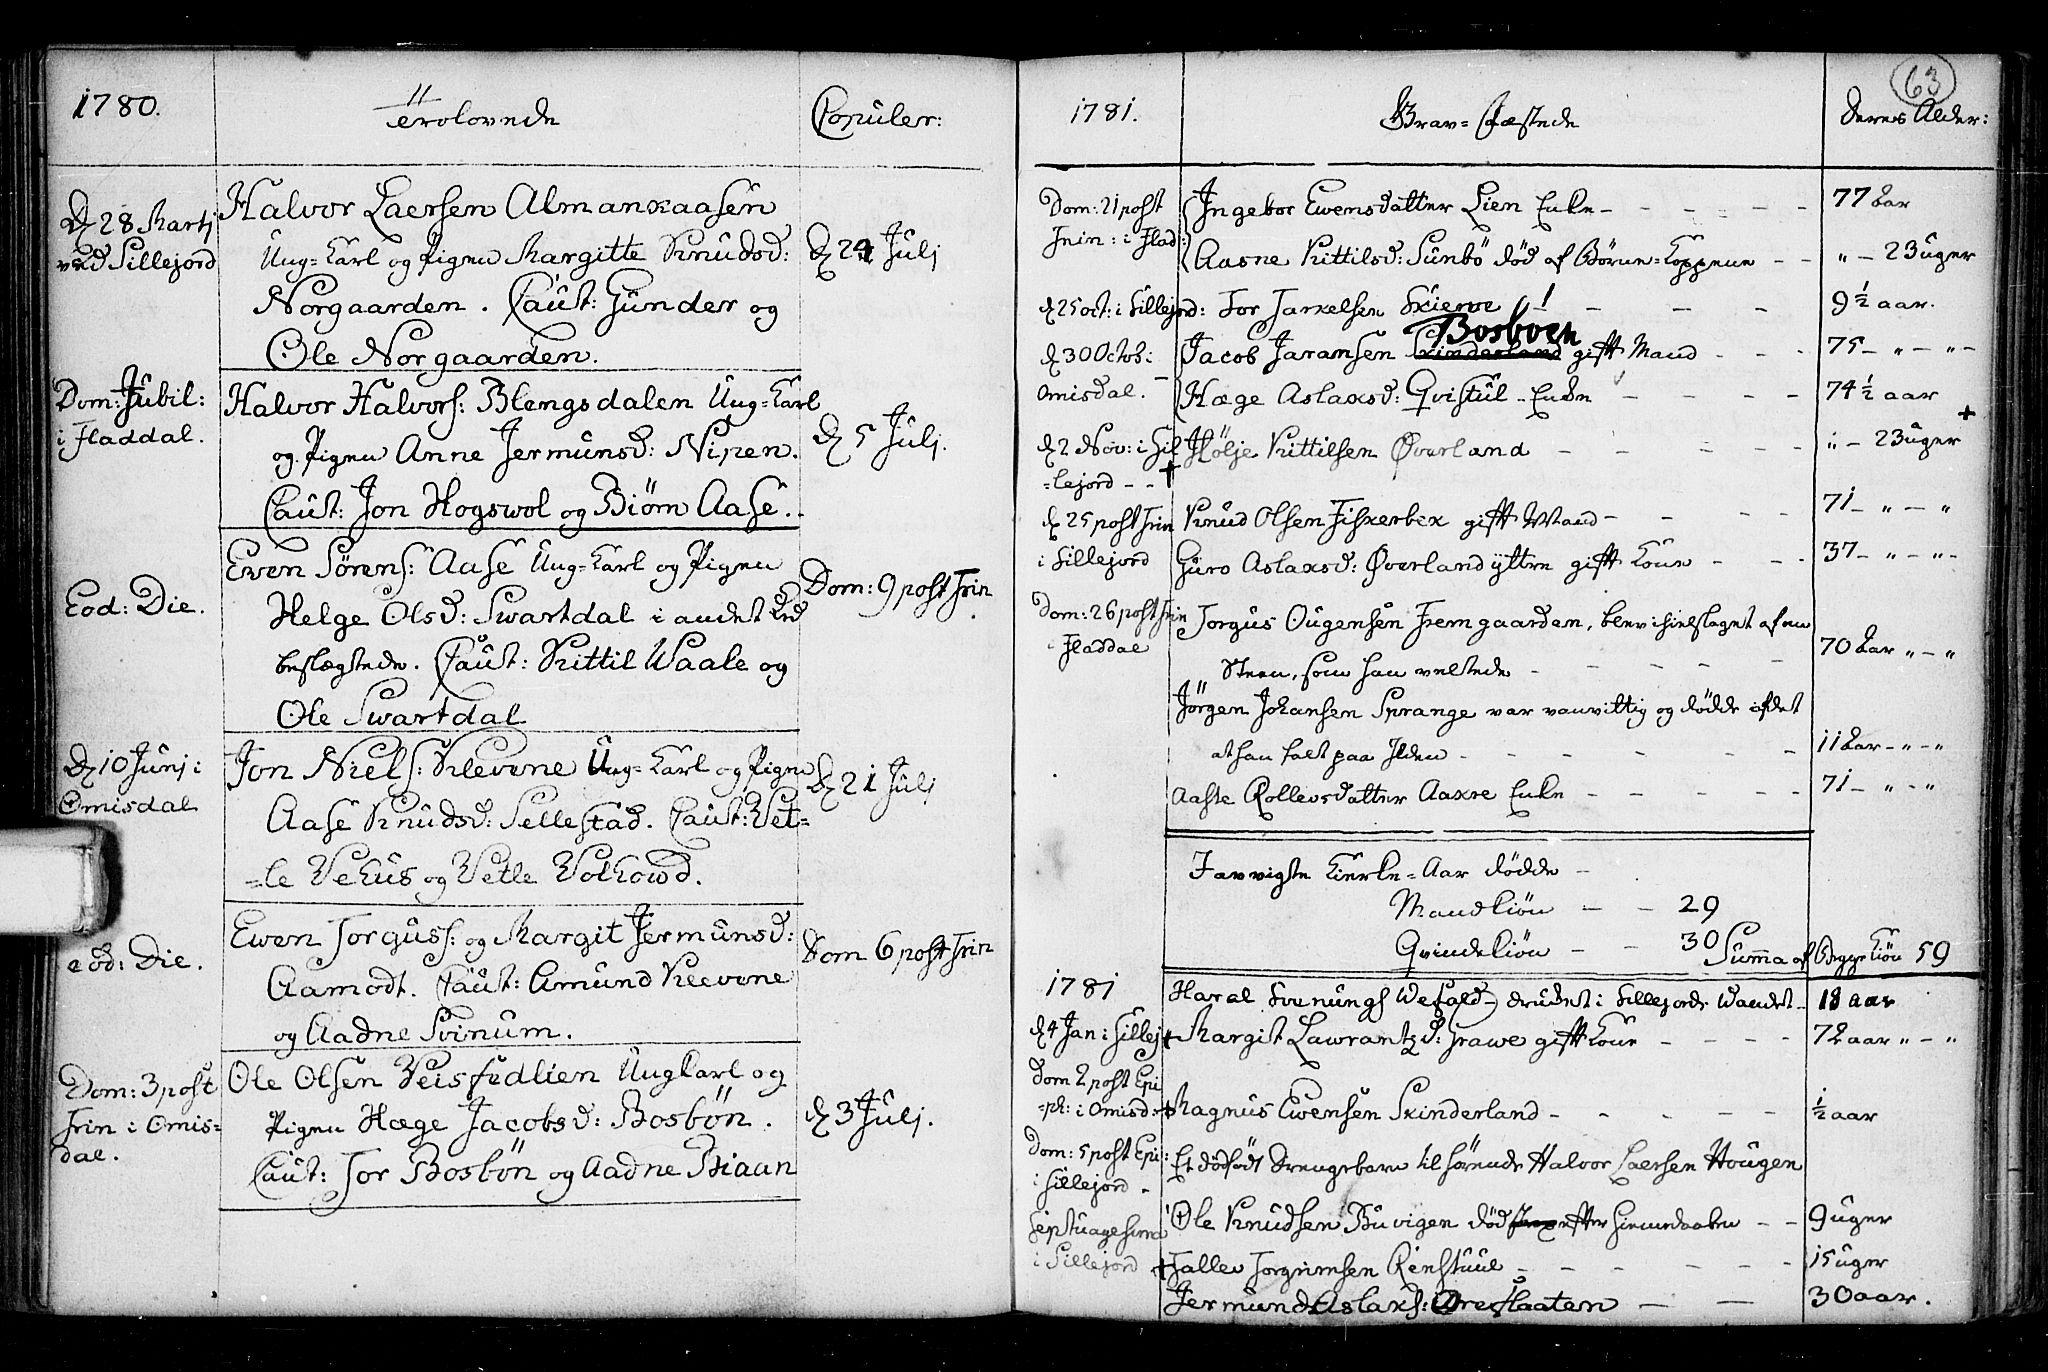 SAKO, Seljord kirkebøker, F/Fa/L0008: Ministerialbok nr. I 8, 1755-1814, s. 63